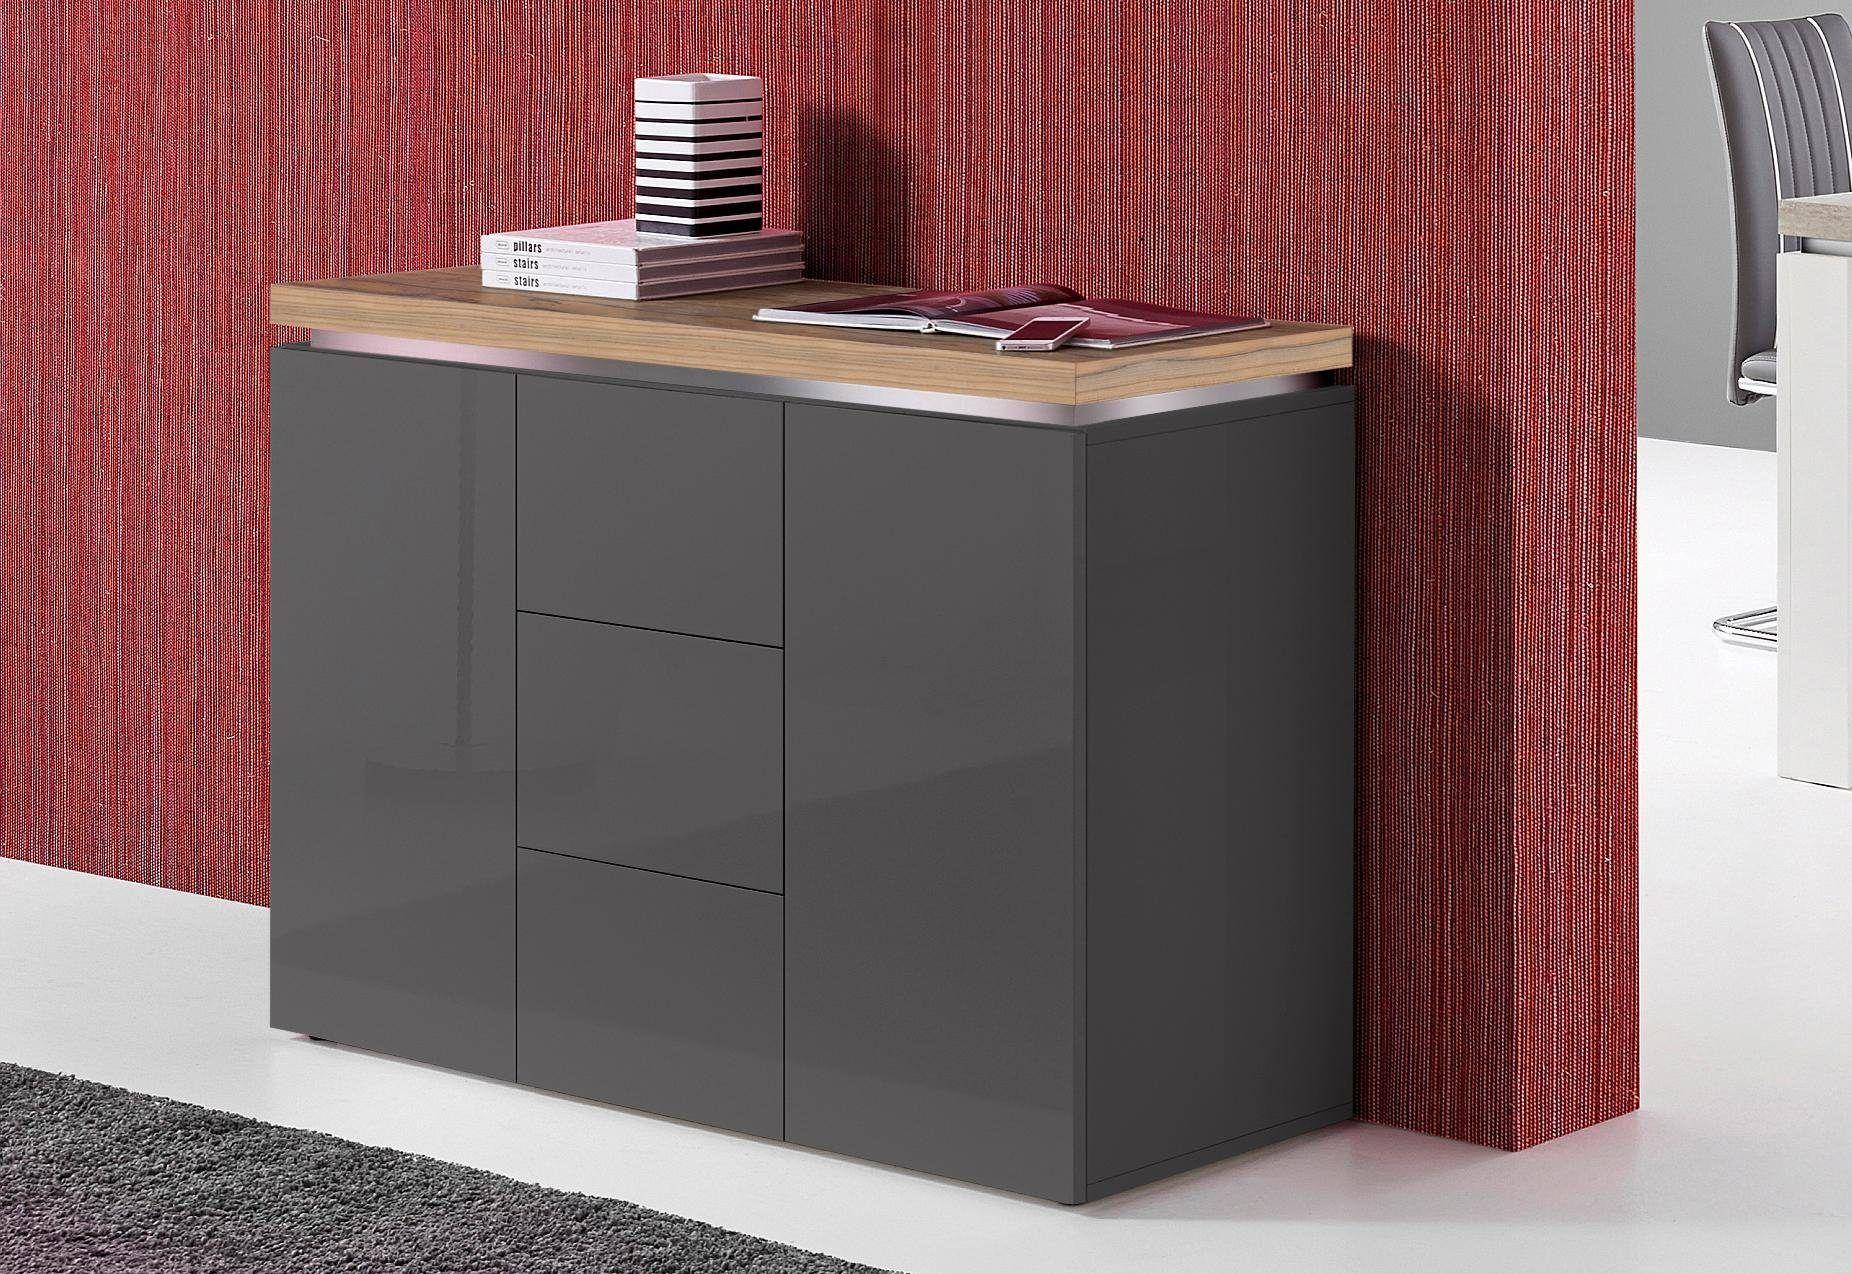 Sideboard Wohnzimmer ~ Tecnos sideboard grau hochglanz fsc zertifiziert jetzt